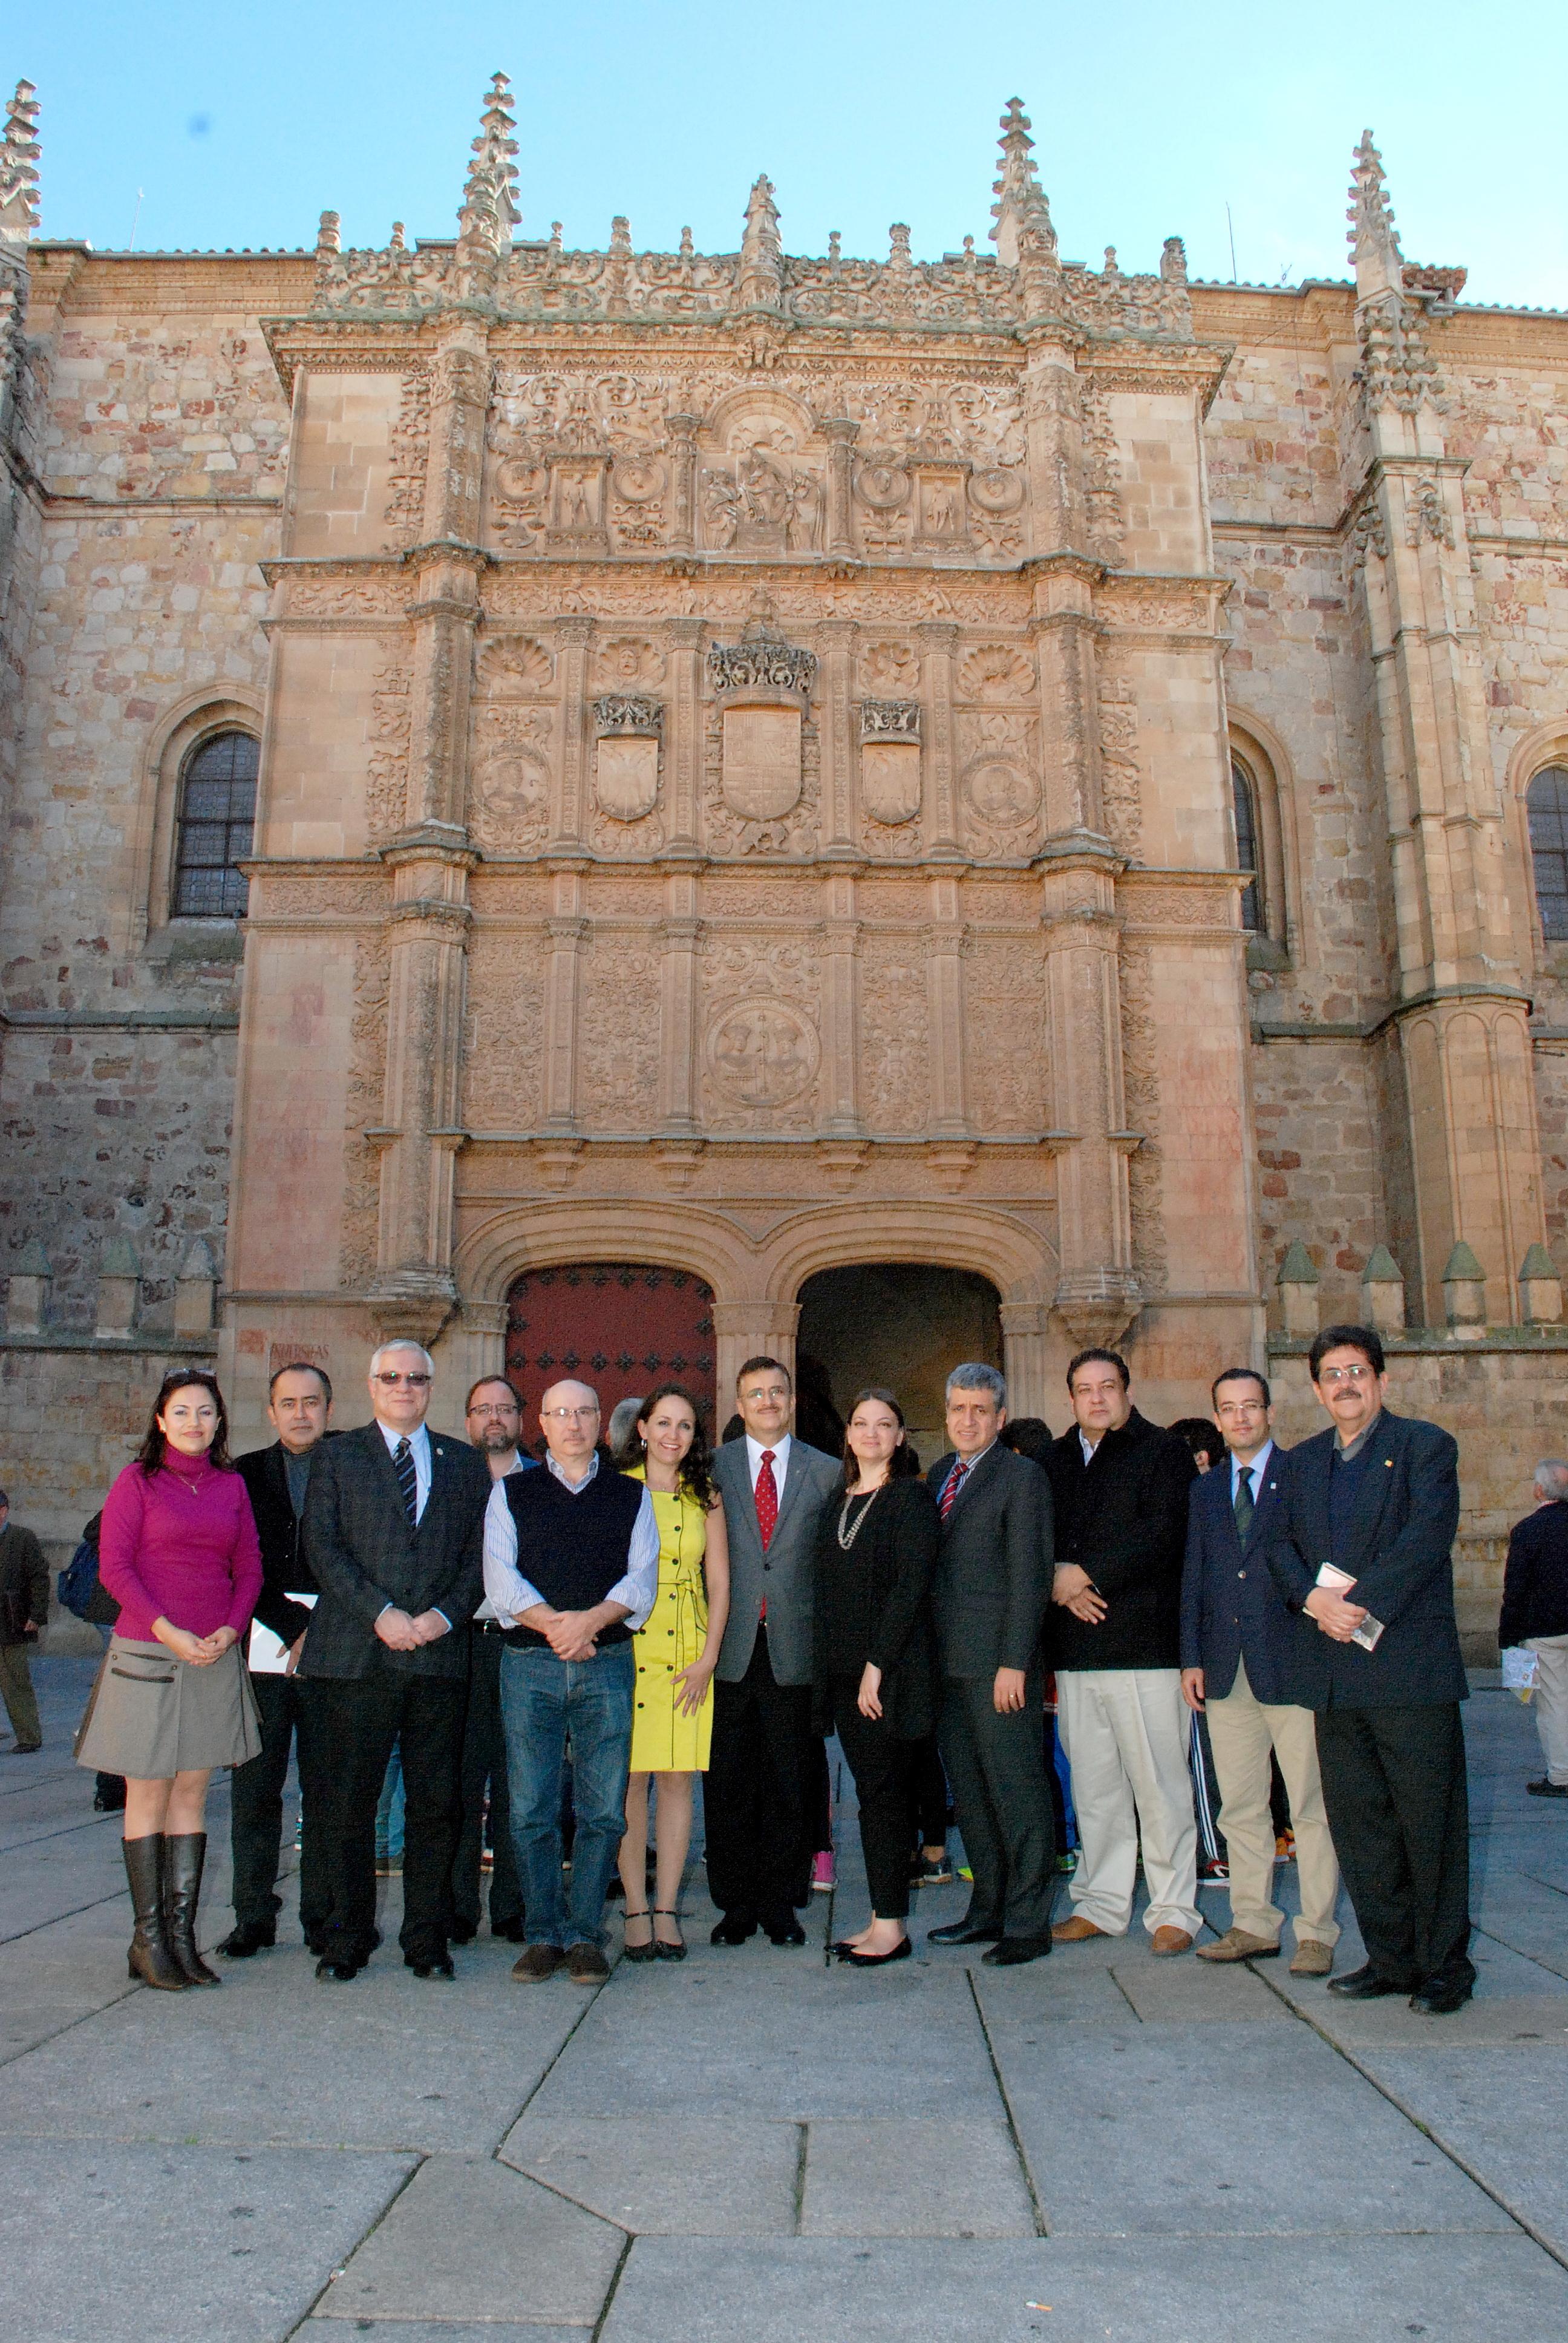 El vicerrector de Ordenación Académica y Profesorado de la Universidad de Salamanca recibe a una delegación de la Universidad de Guadalajara, México